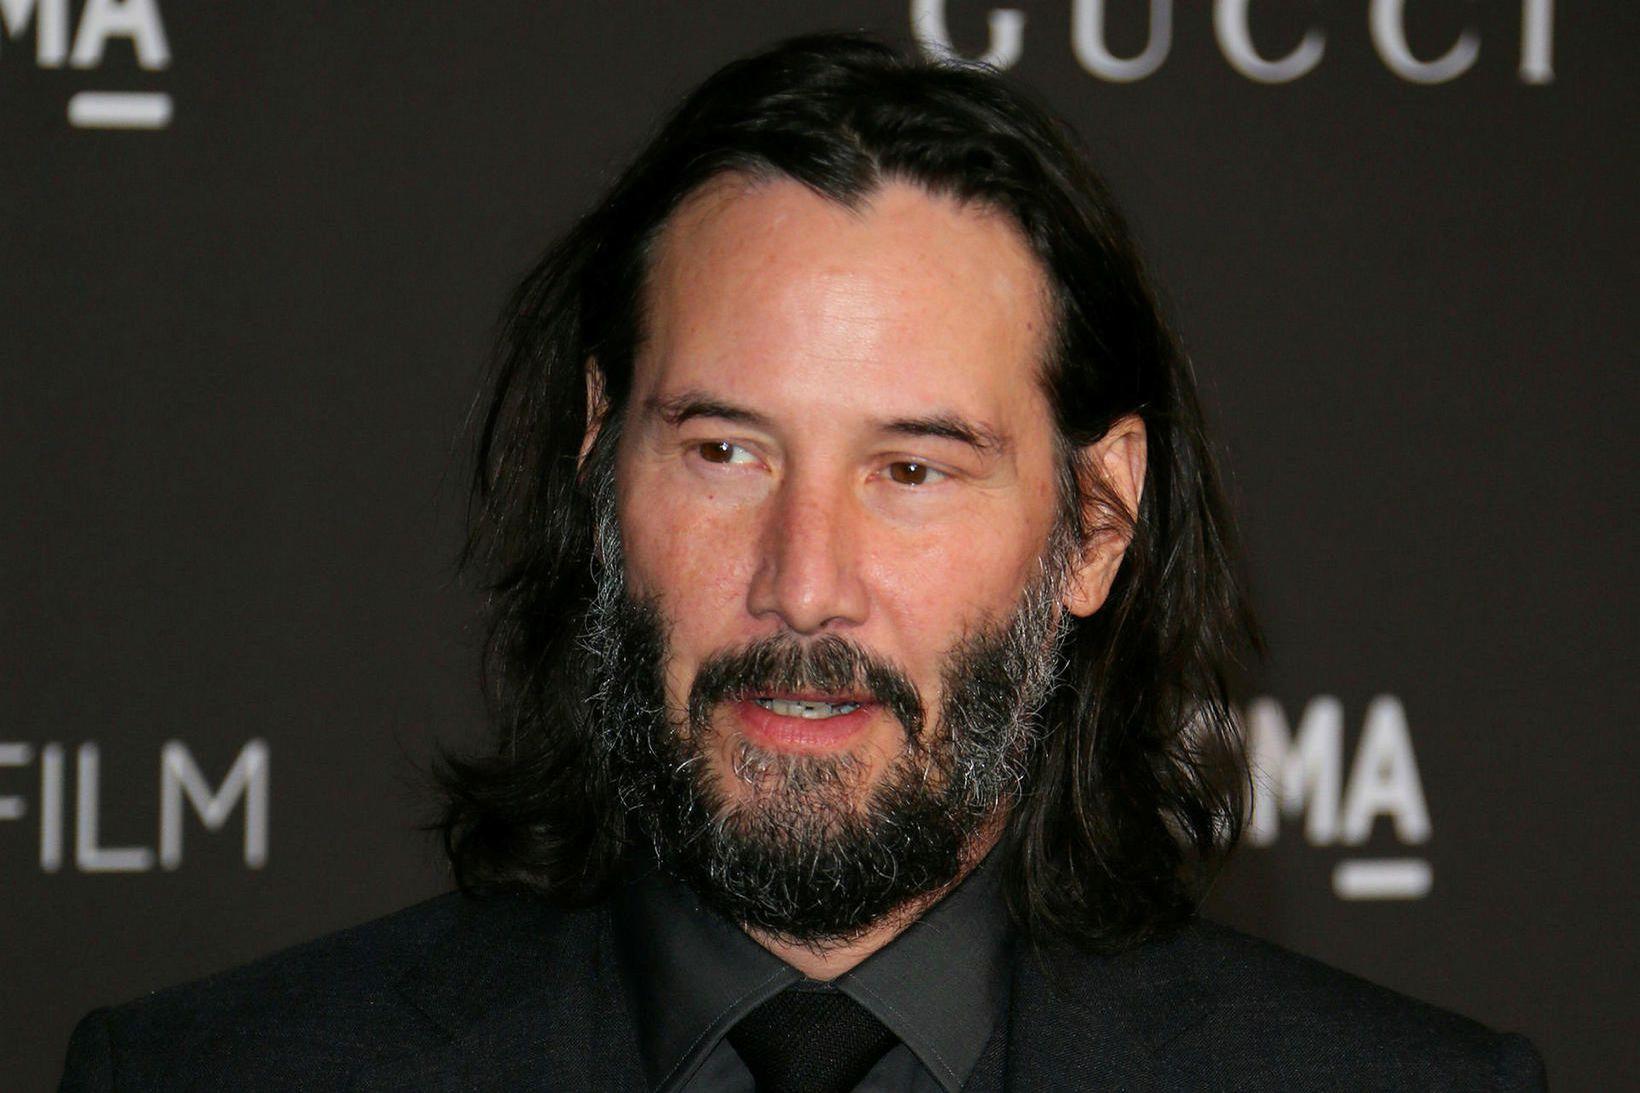 Kanadíski leikarinn Keanu Reeves í nóvember síðastliðnum.